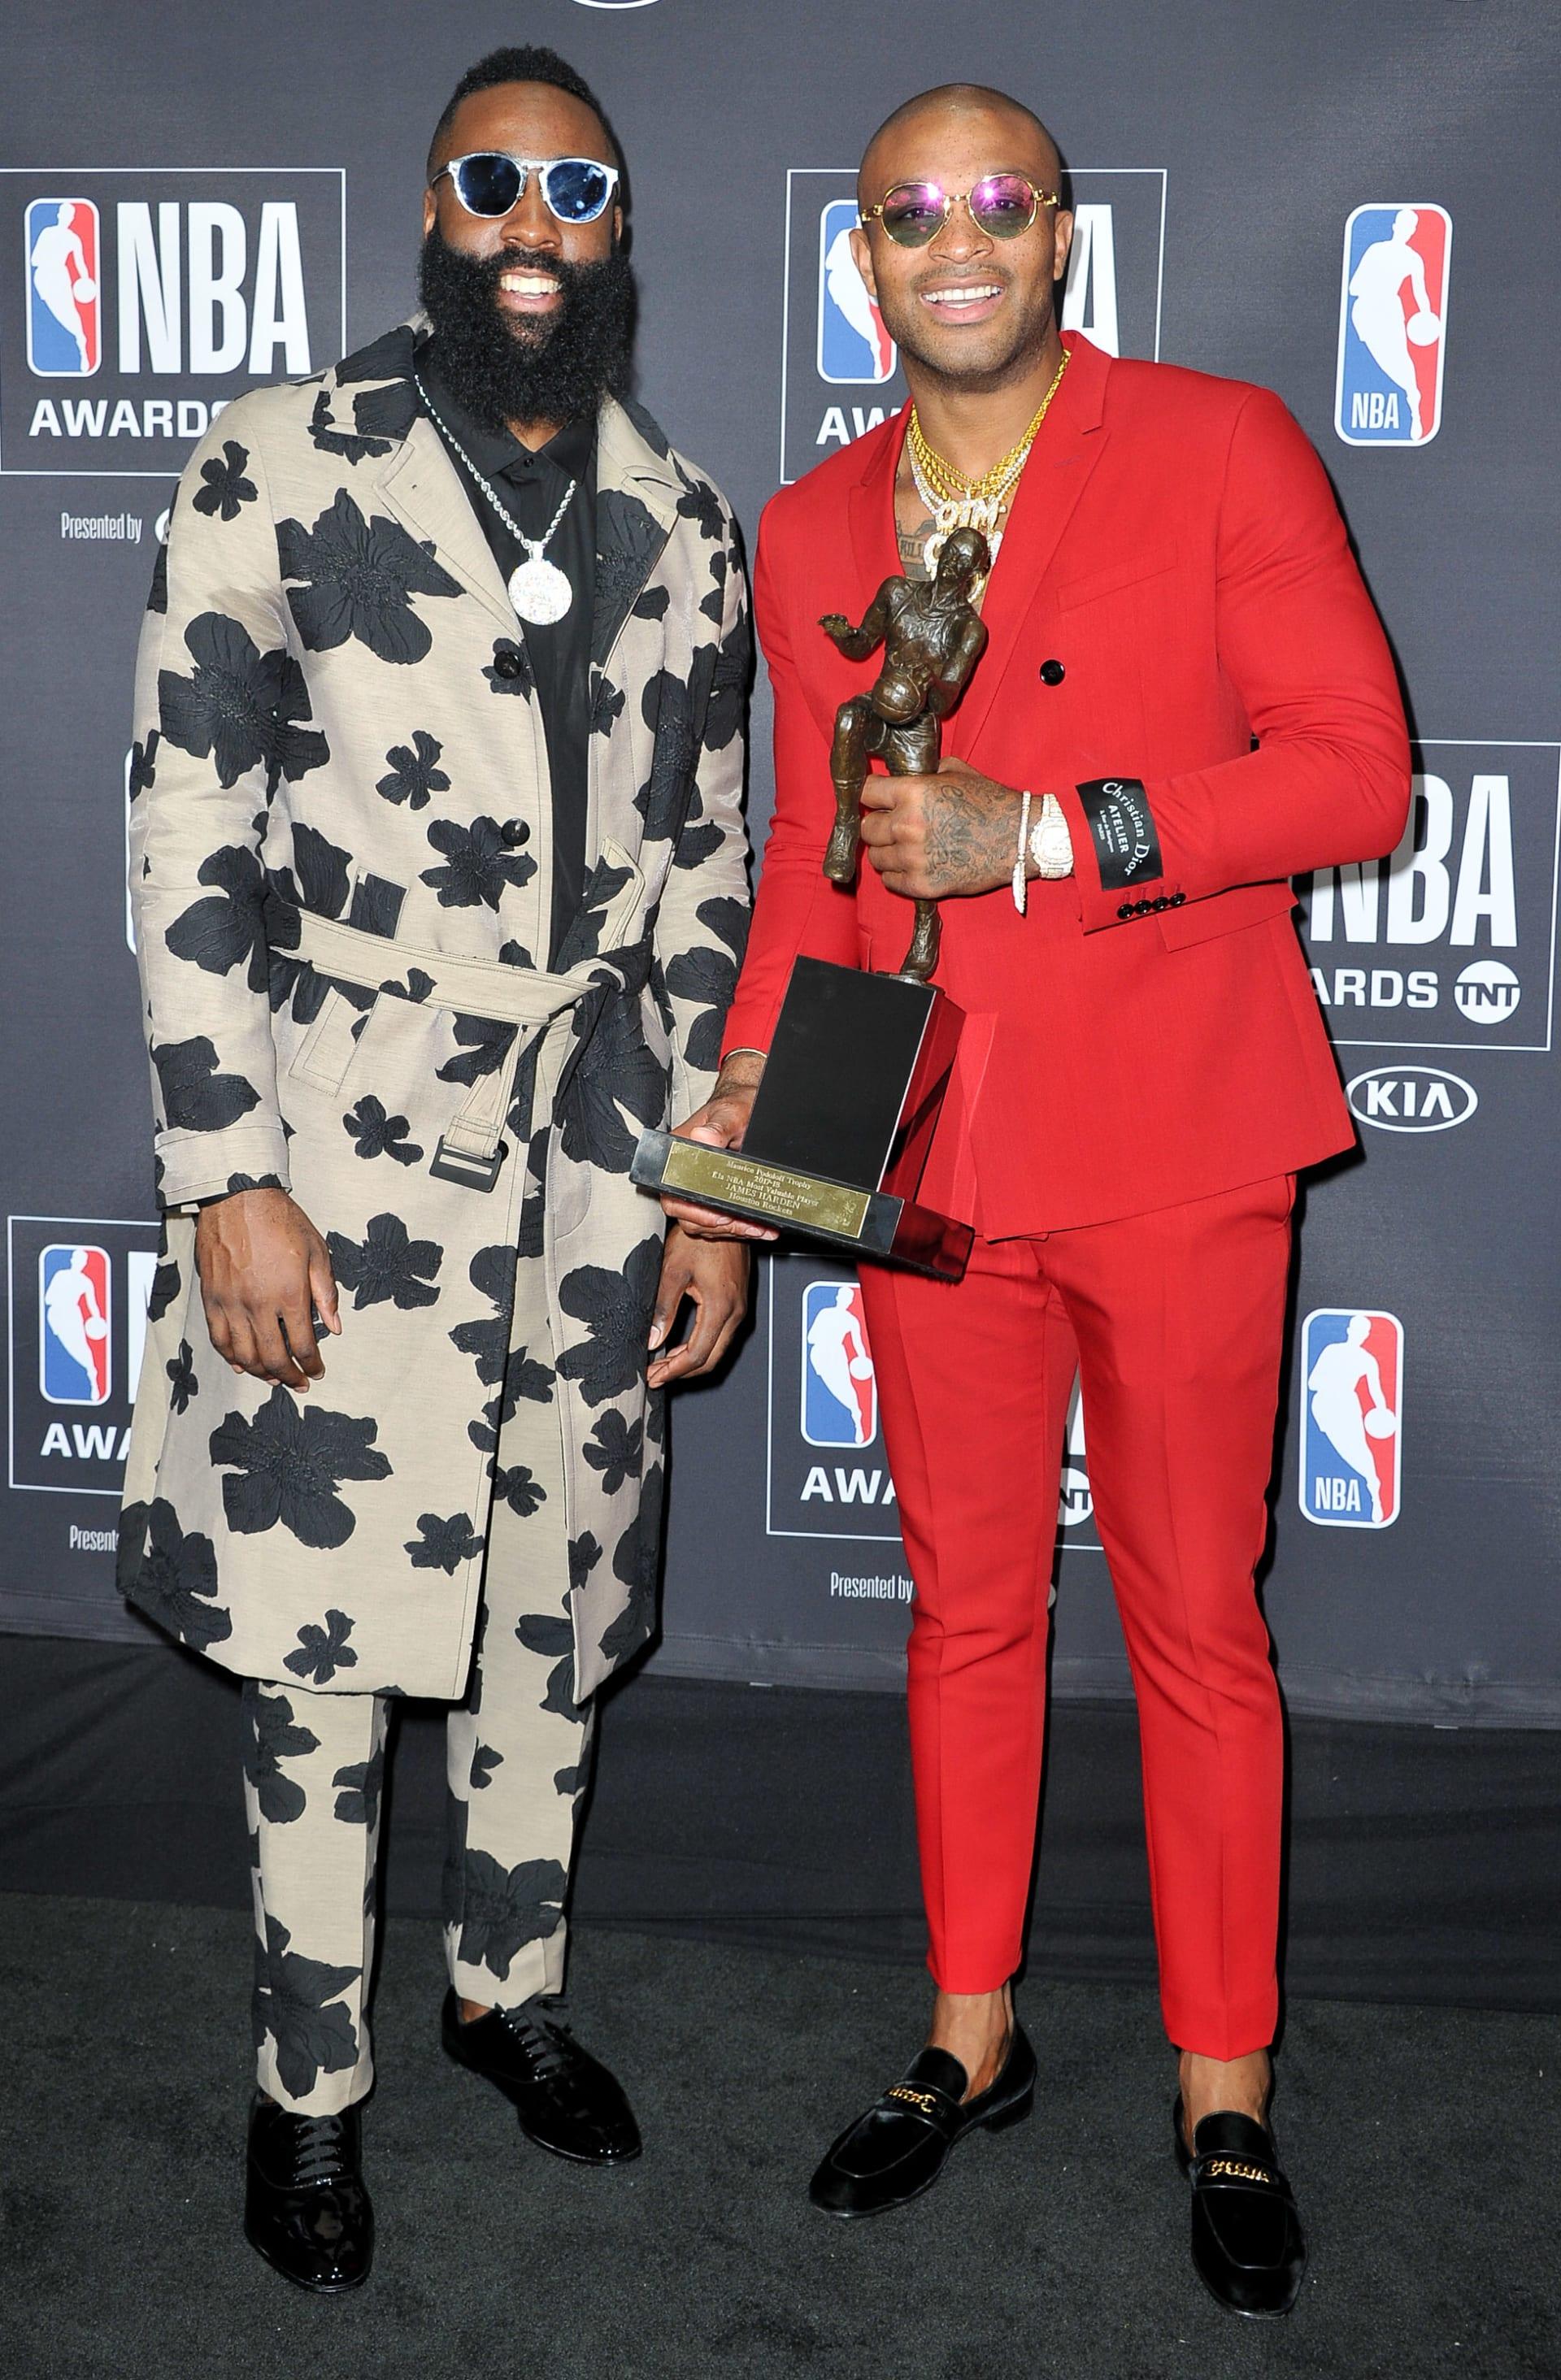 James Harden PJ Tucker 2018 NBA Awards